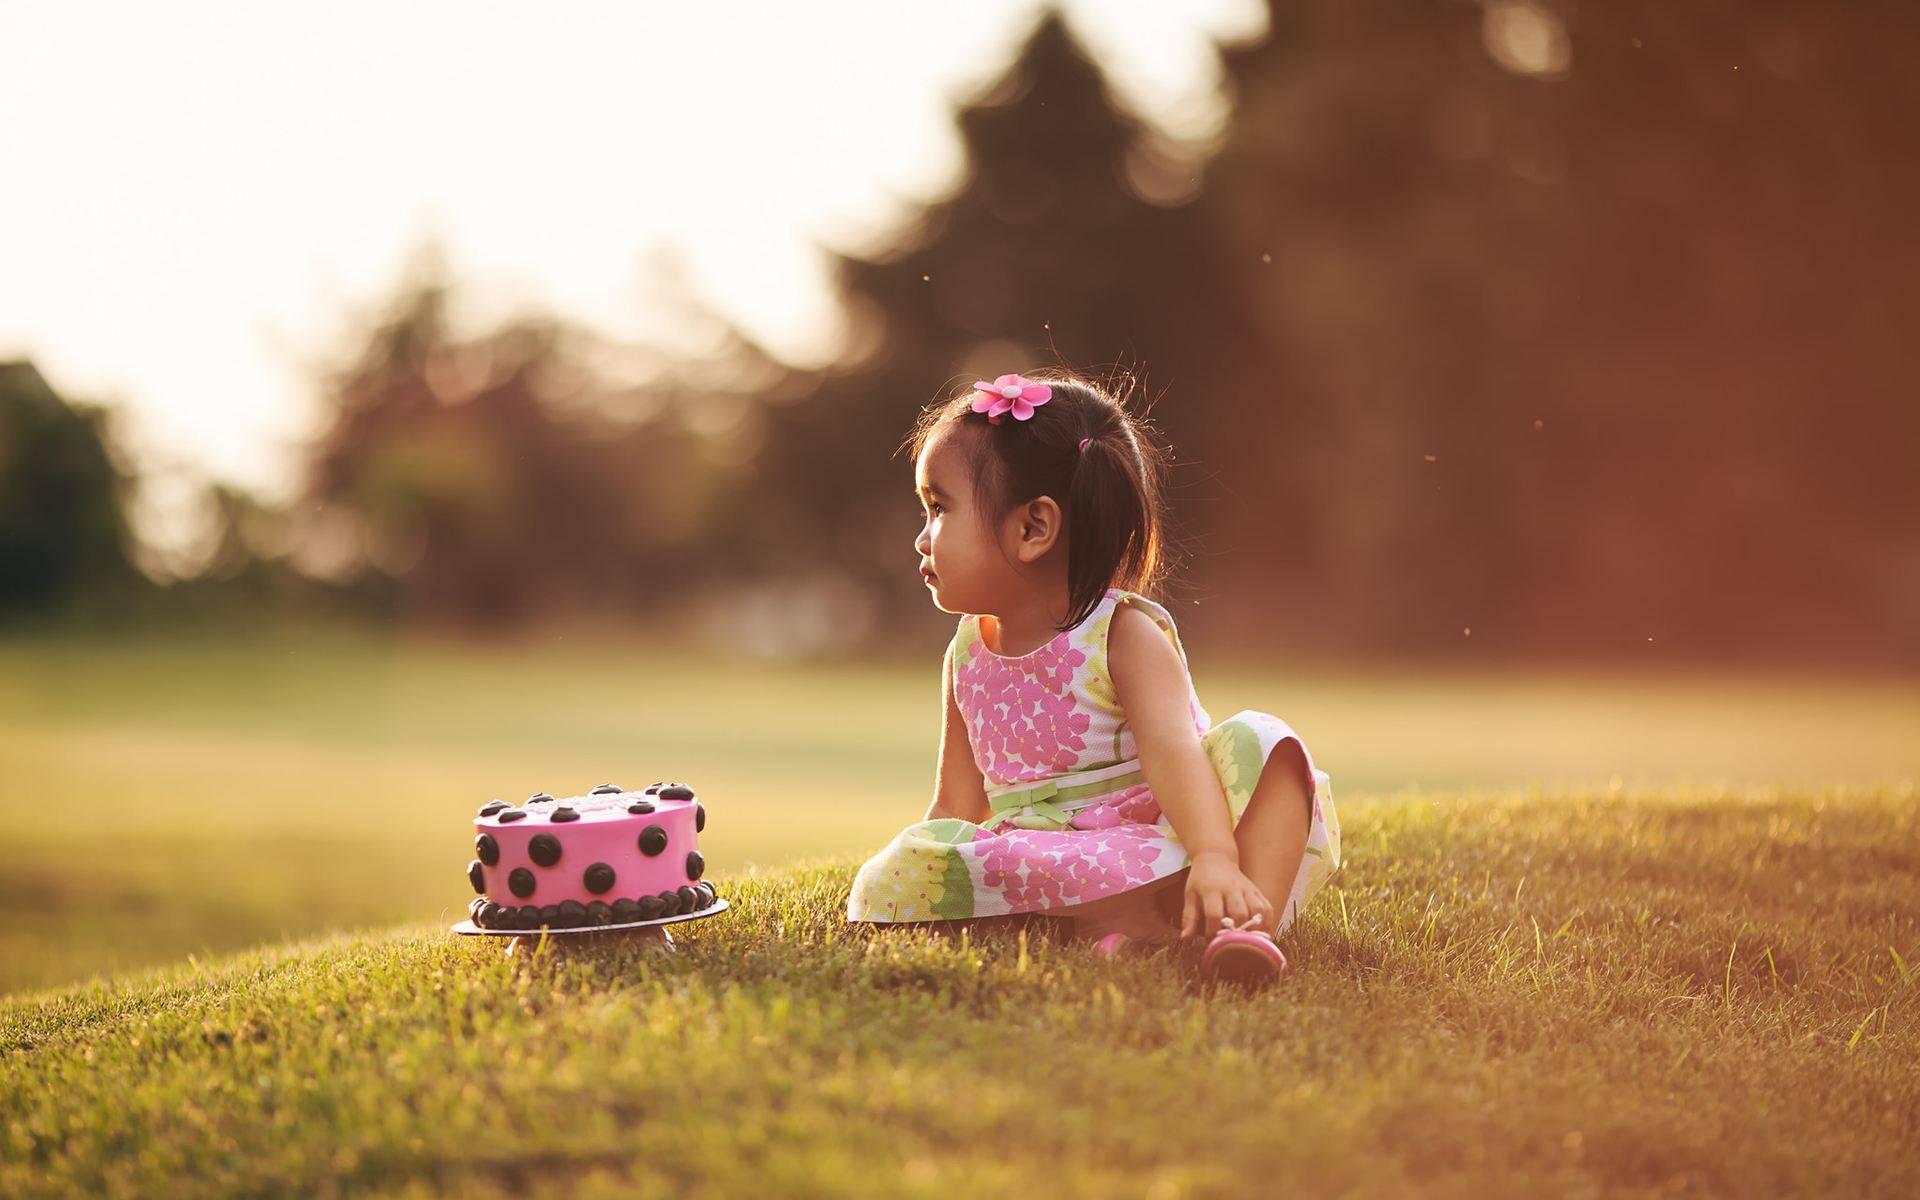 怎样给宝宝起个好听的名字, 怎样帮小孩取名字好听的名字